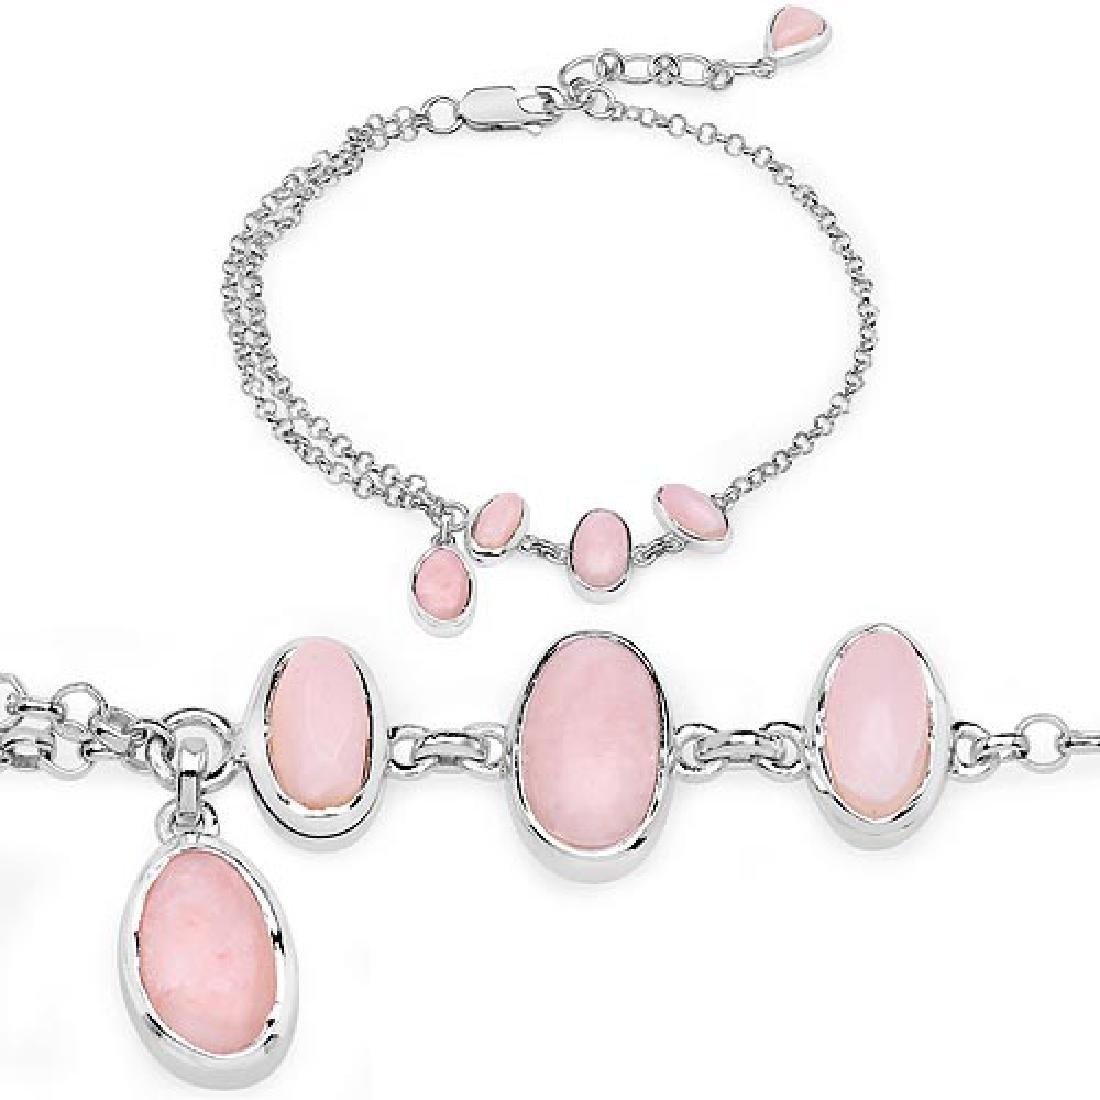 4.67 Carat Genuine Pink Opal .925 Sterling Silver Brace